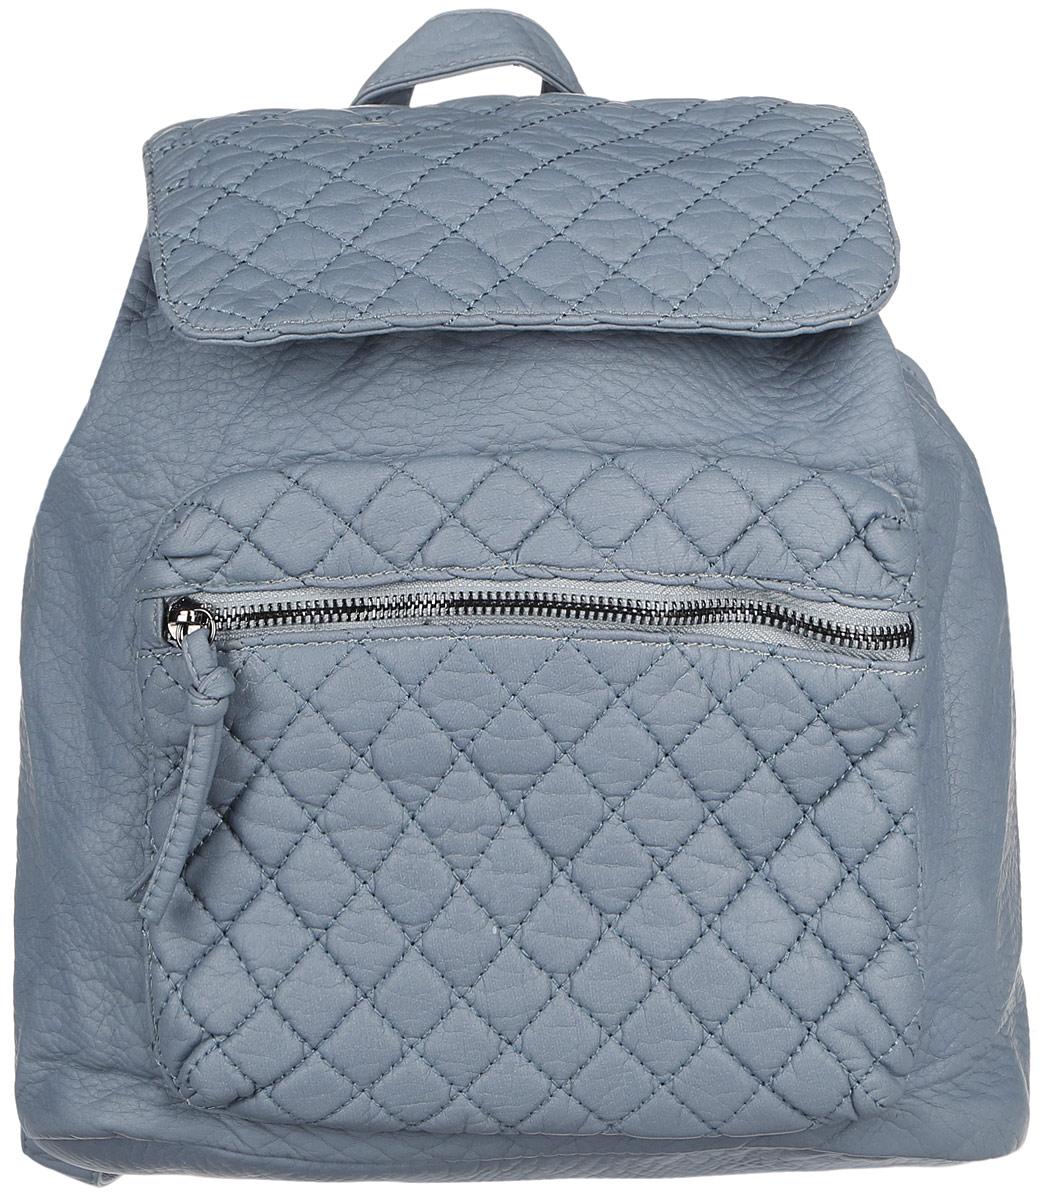 Рюкзак женский OrsOro, цвет: серо-голубой. D-255/8747998-101Стильный рюкзак OrsOro, выполнен из экокожи и оснащен двумя плечевыми регулируемыми ремнями на спинке и удобной ручкой для переноски. Изделие затягивается с помощью шнурка и закрывается клапаном на кнопку, внутри имеет одно вместительное отделение с одним накладным карманом для телефона и мелочей и одним прорезным карманом на застежке-молнии. С тыльной стороны изделия имеется прорезной карман на застежке-молнии. Рюкзак оснащен также передним накладным карманом, который закрывается на молнию.Сумка-рюкзак OrsOro - это выбор молодой, уверенной, стильной женщины, которая ценит качество и комфорт. Изделие станет изысканным дополнением к вашему образу.